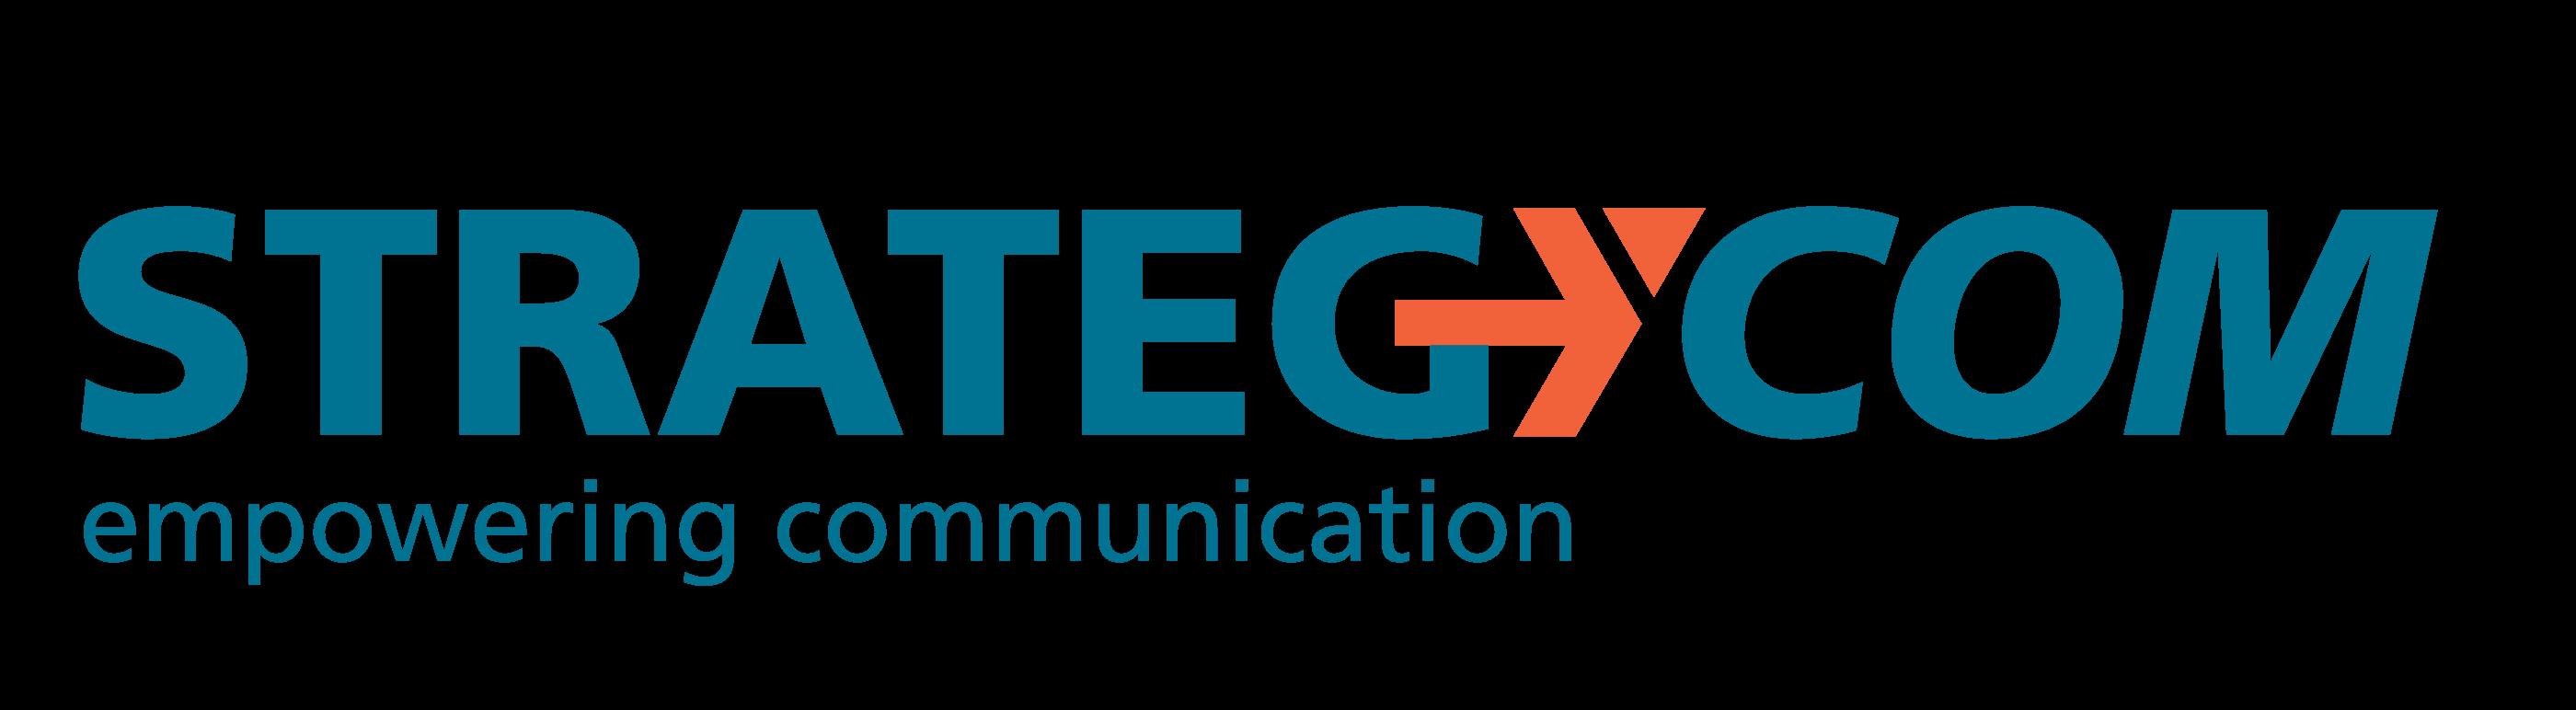 Strategycom